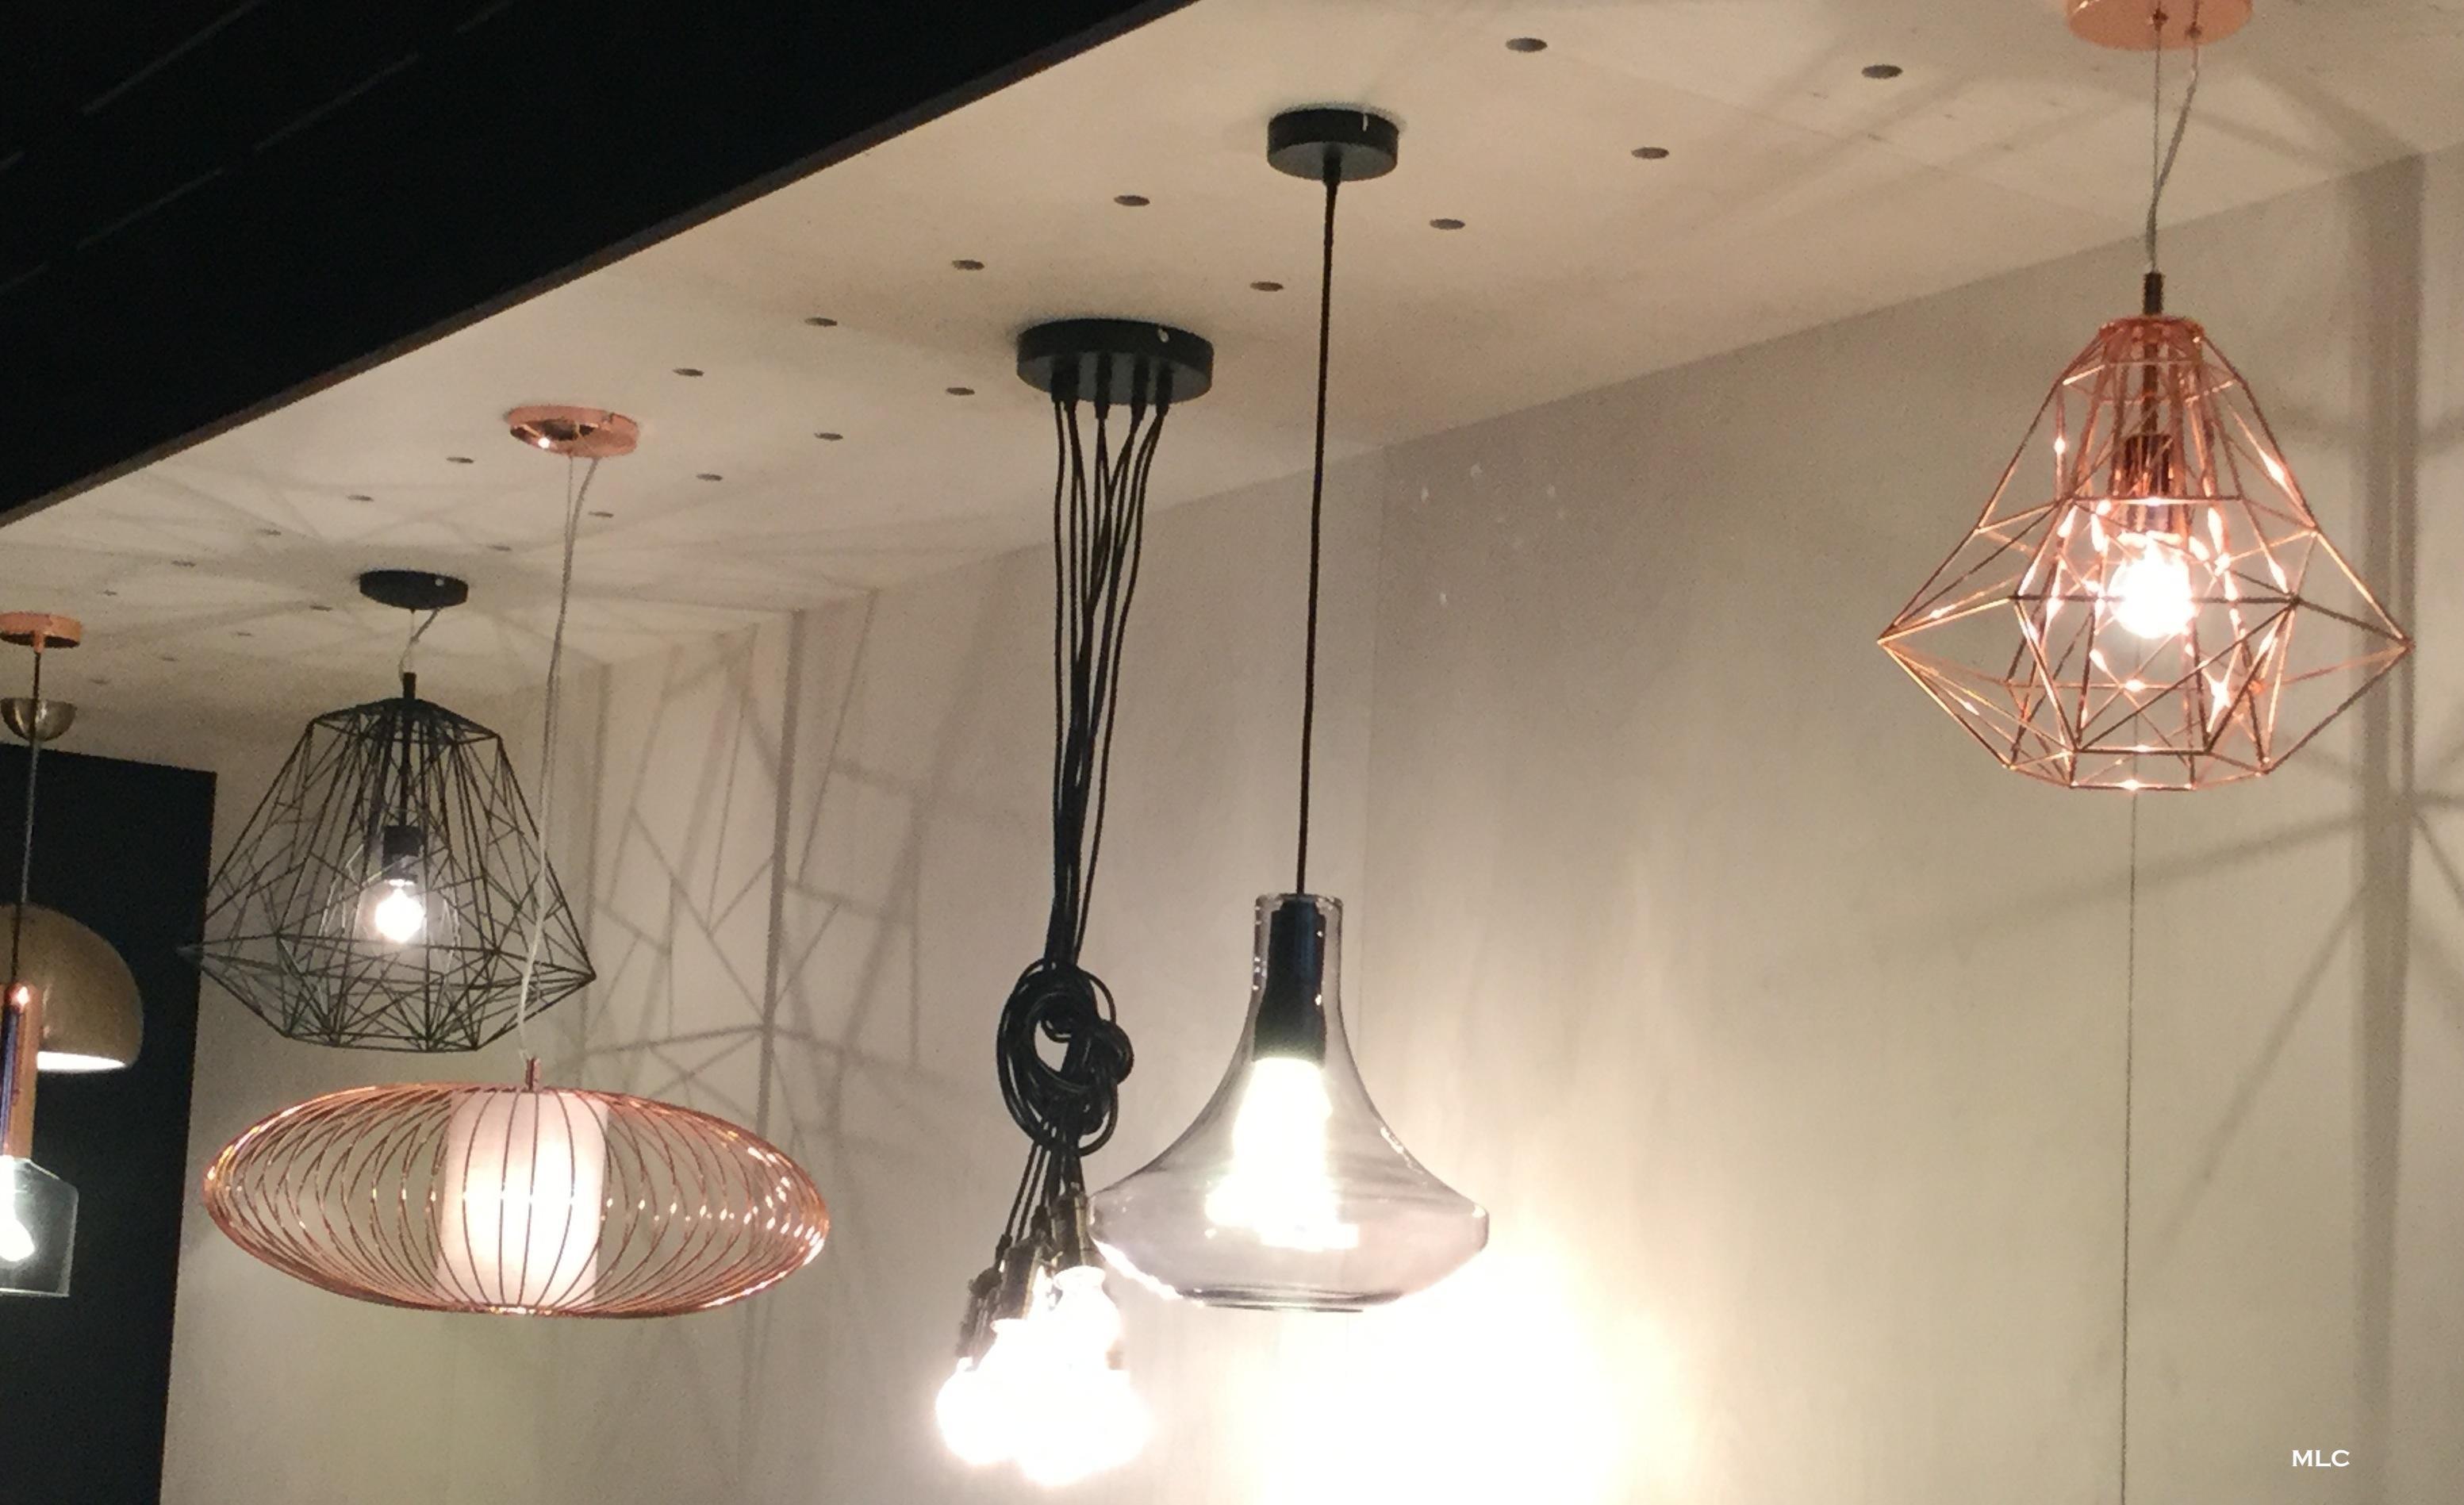 Luminaire made